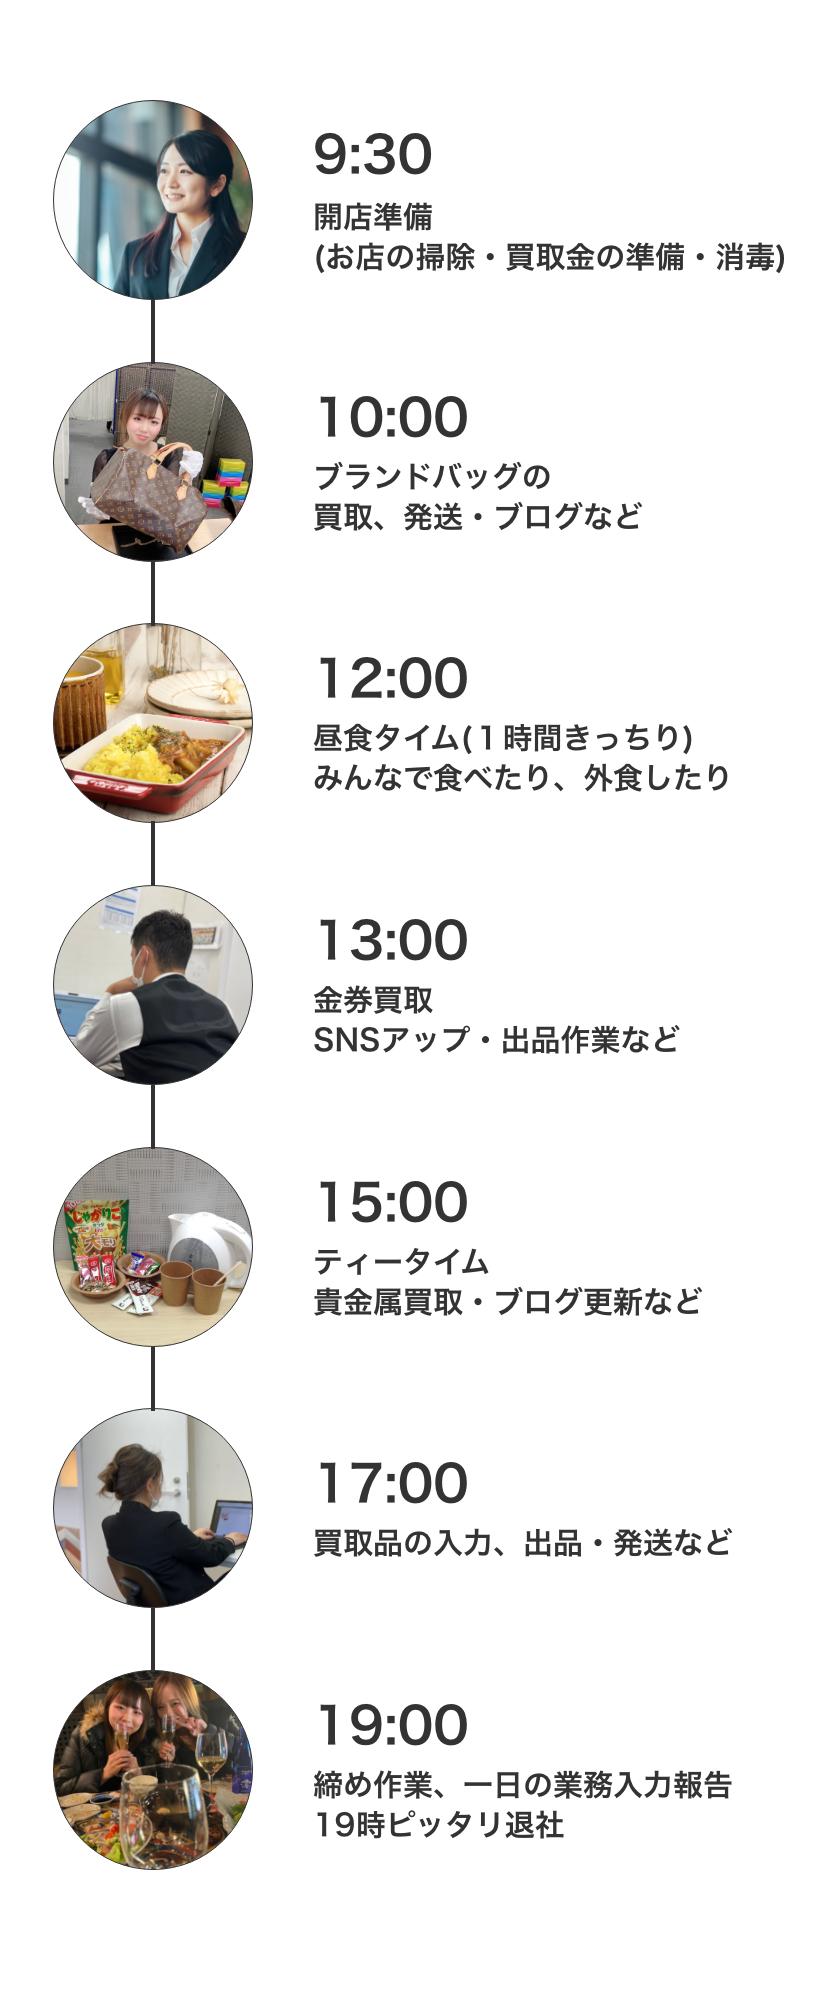 9:30-開店準備(お店の掃除・買取金の準備・消毒)/10:00-ブランドバッグの買取、発送・ブログなど/12:00-昼食タイム(1時間きっちり)みんなで食べたり、外食したり/13:00-金券買取,SNSアップ・出品作業など/15:00-ティータイム,貴金属買取・ブログ更新など/17:00-買取品の入力、出品・発送など/19:00-締め作業、一日の業務入力報告,19時ピッタリ退社